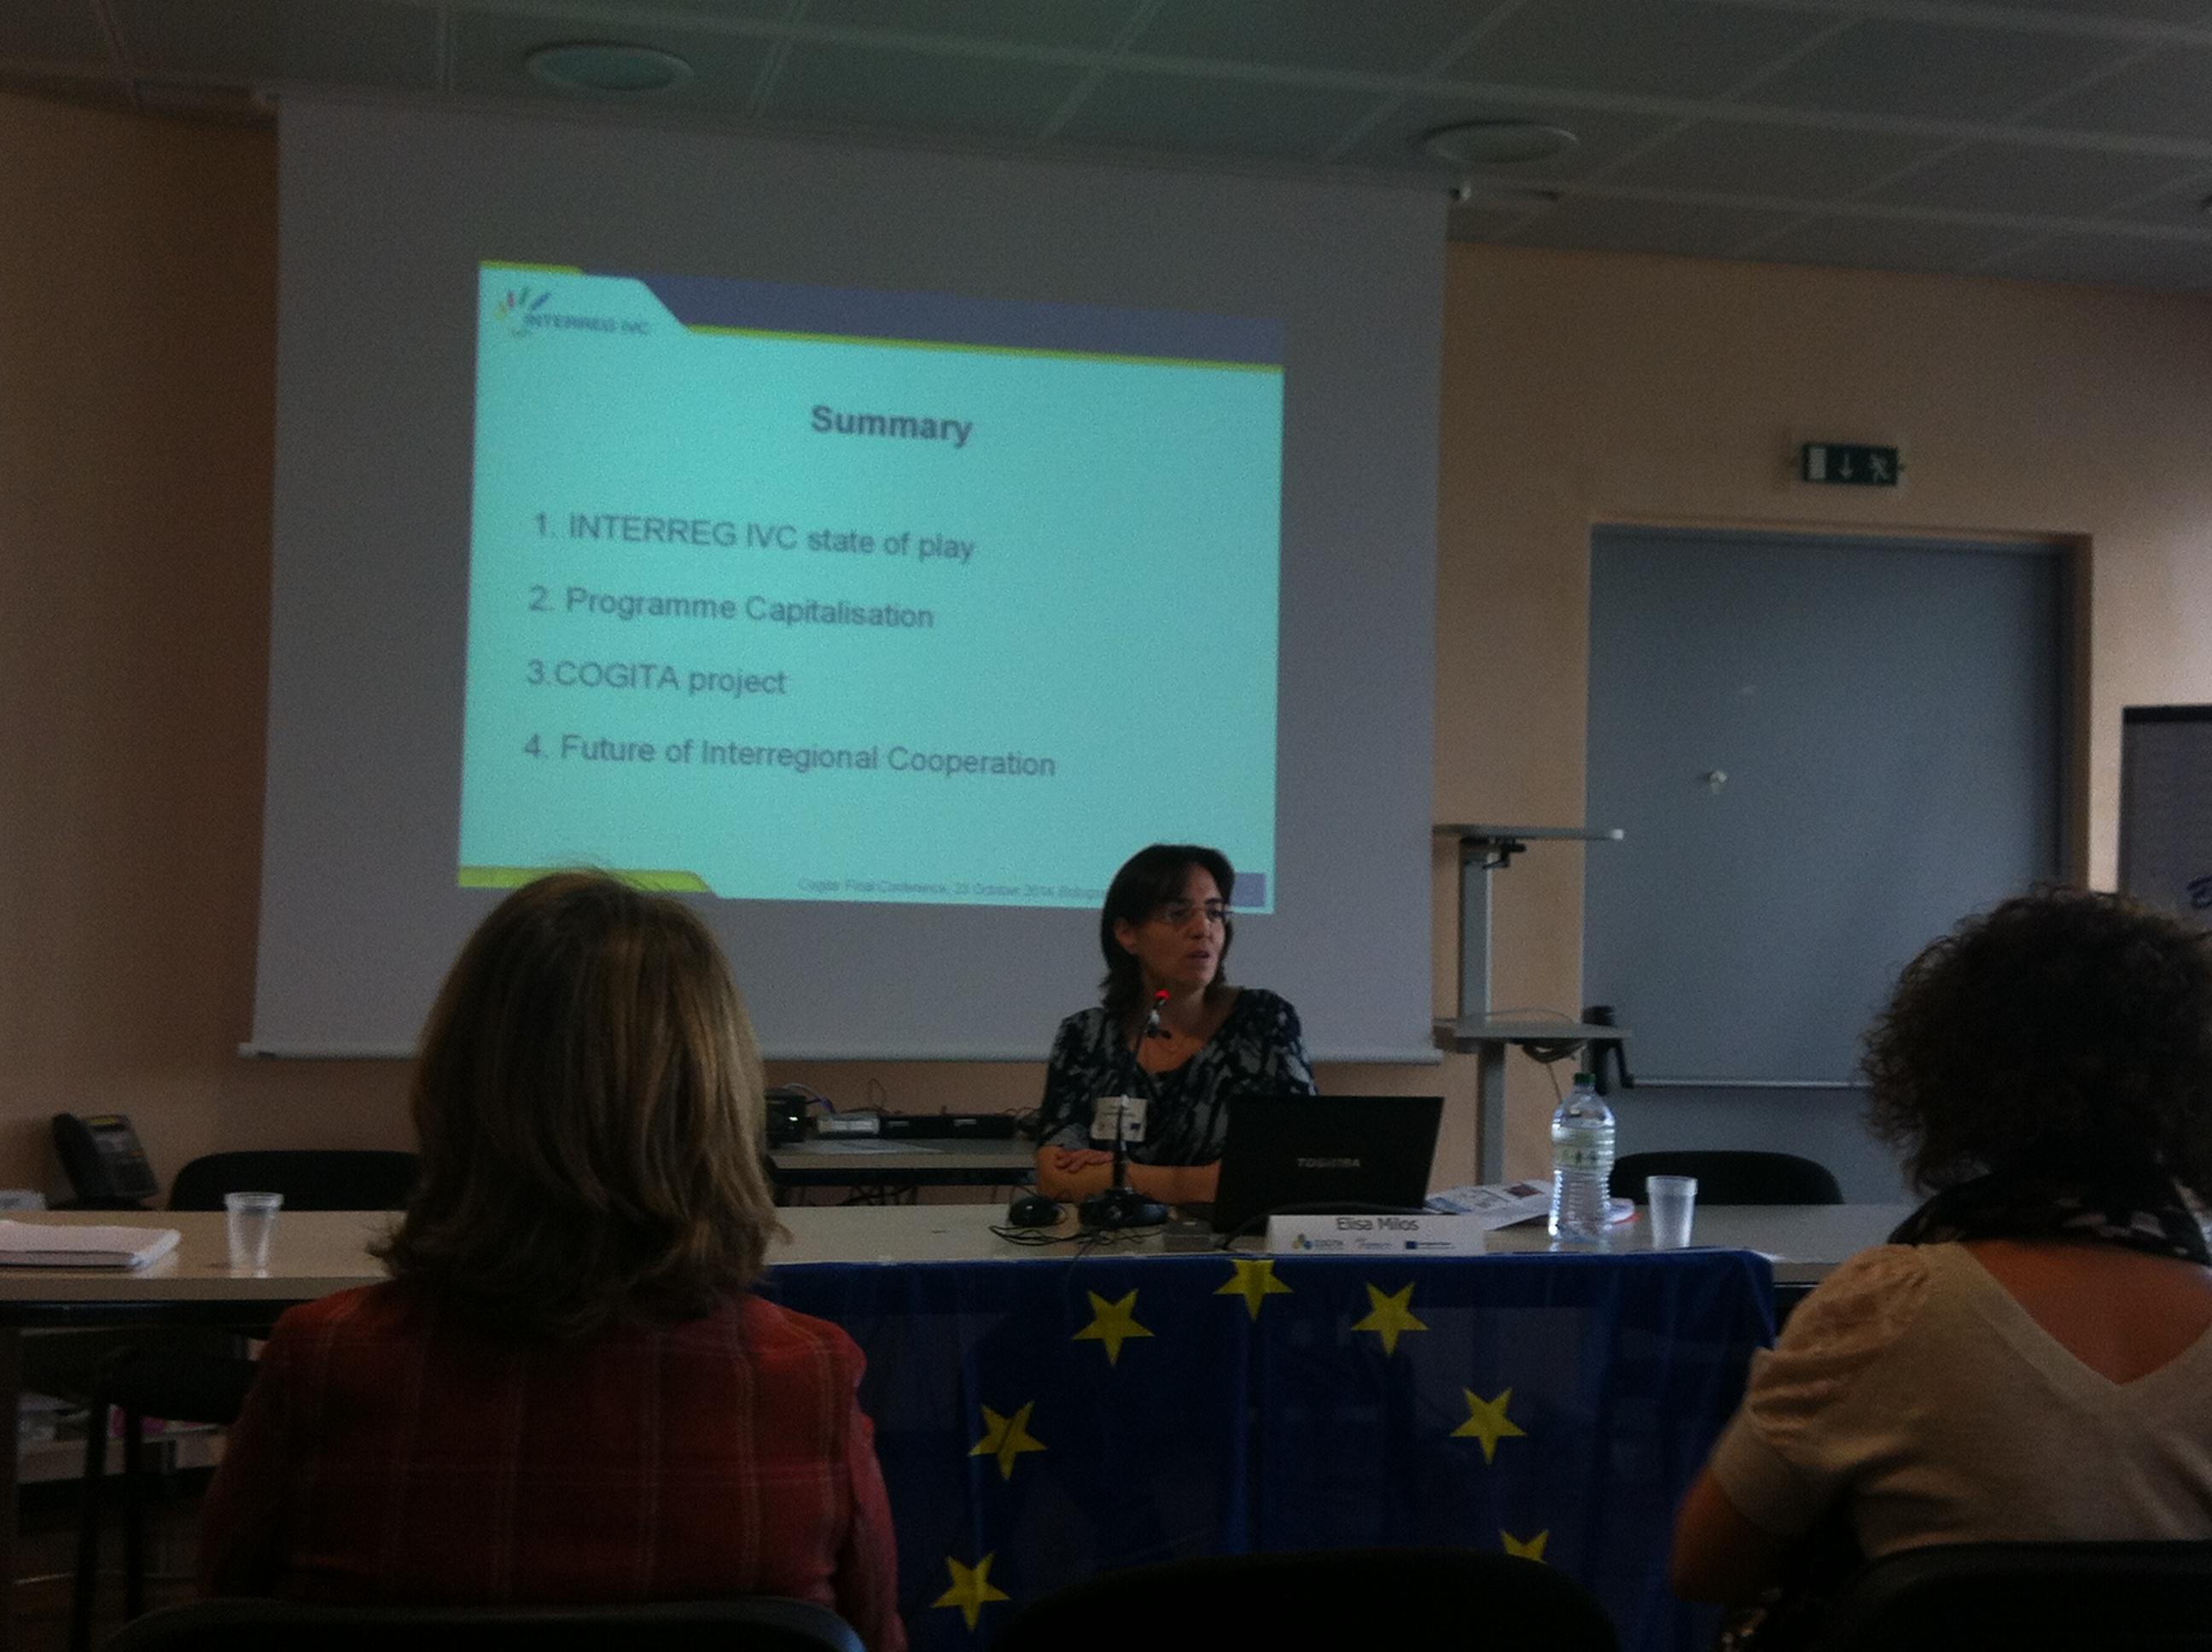 Elisa Milos, Joint Technical Secretariat INTERREG IVC